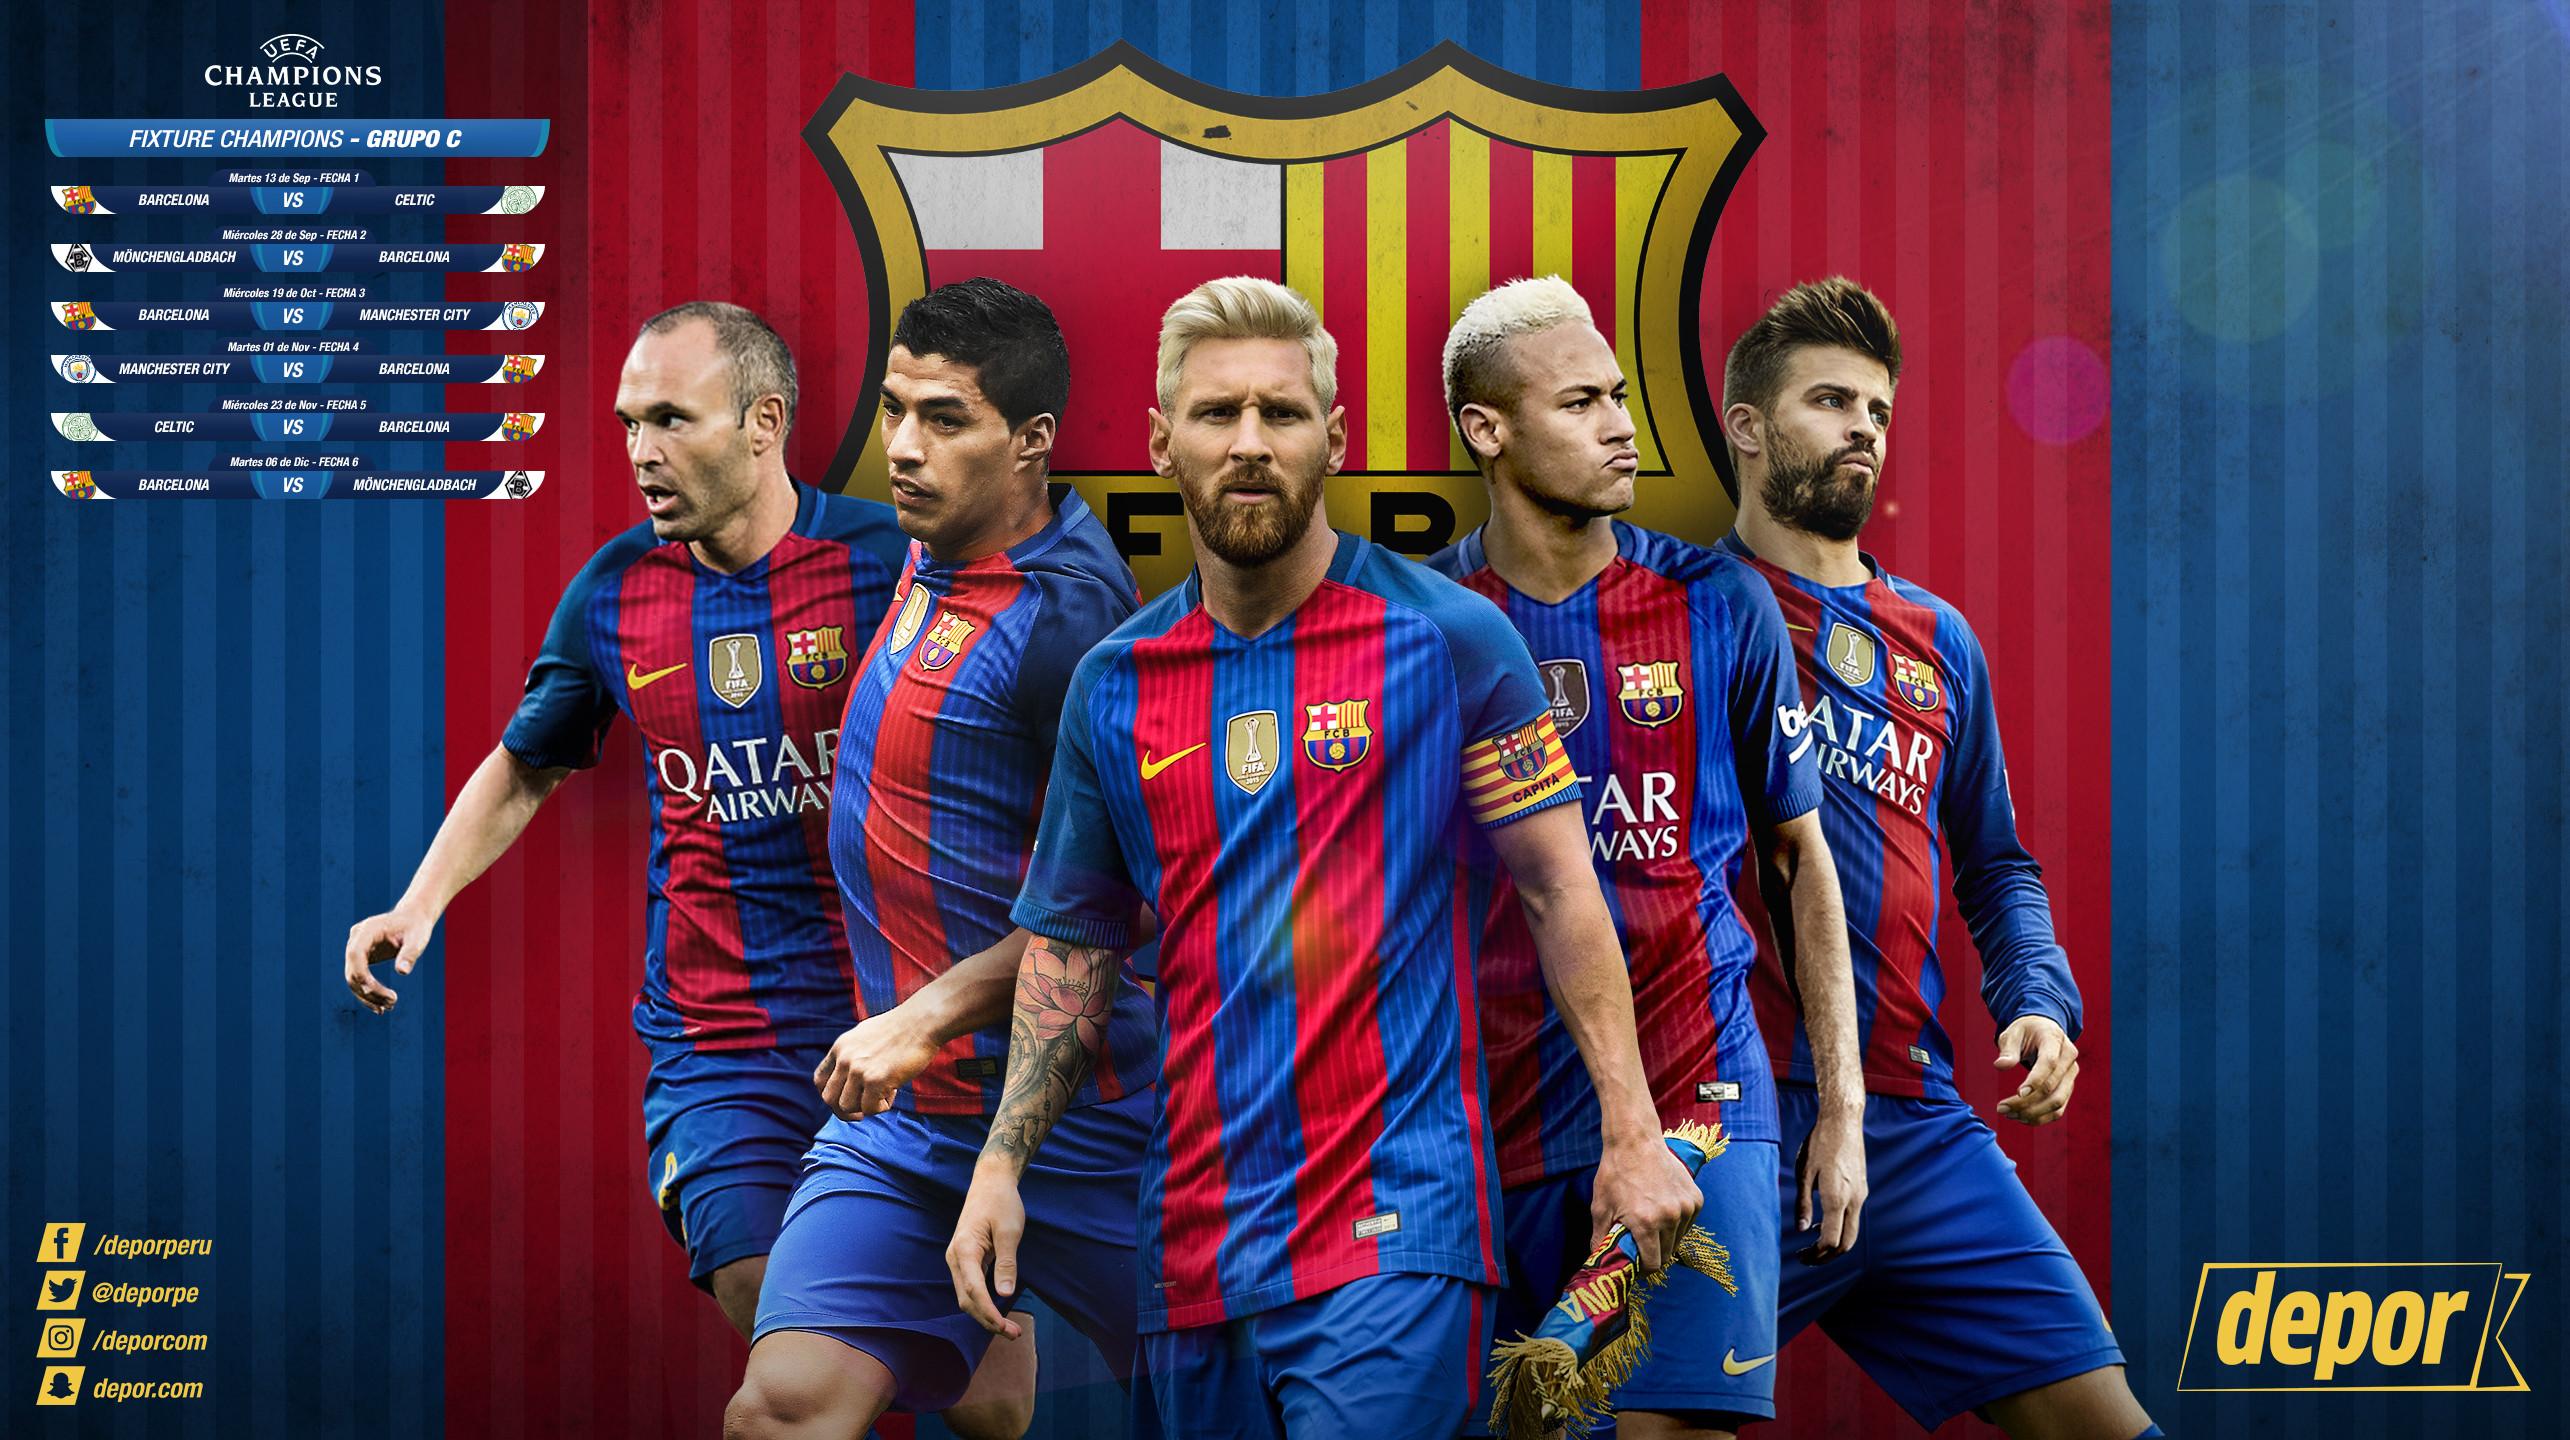 AQUÍ puedes descargar el Wallpaper del Barcelona para PC.